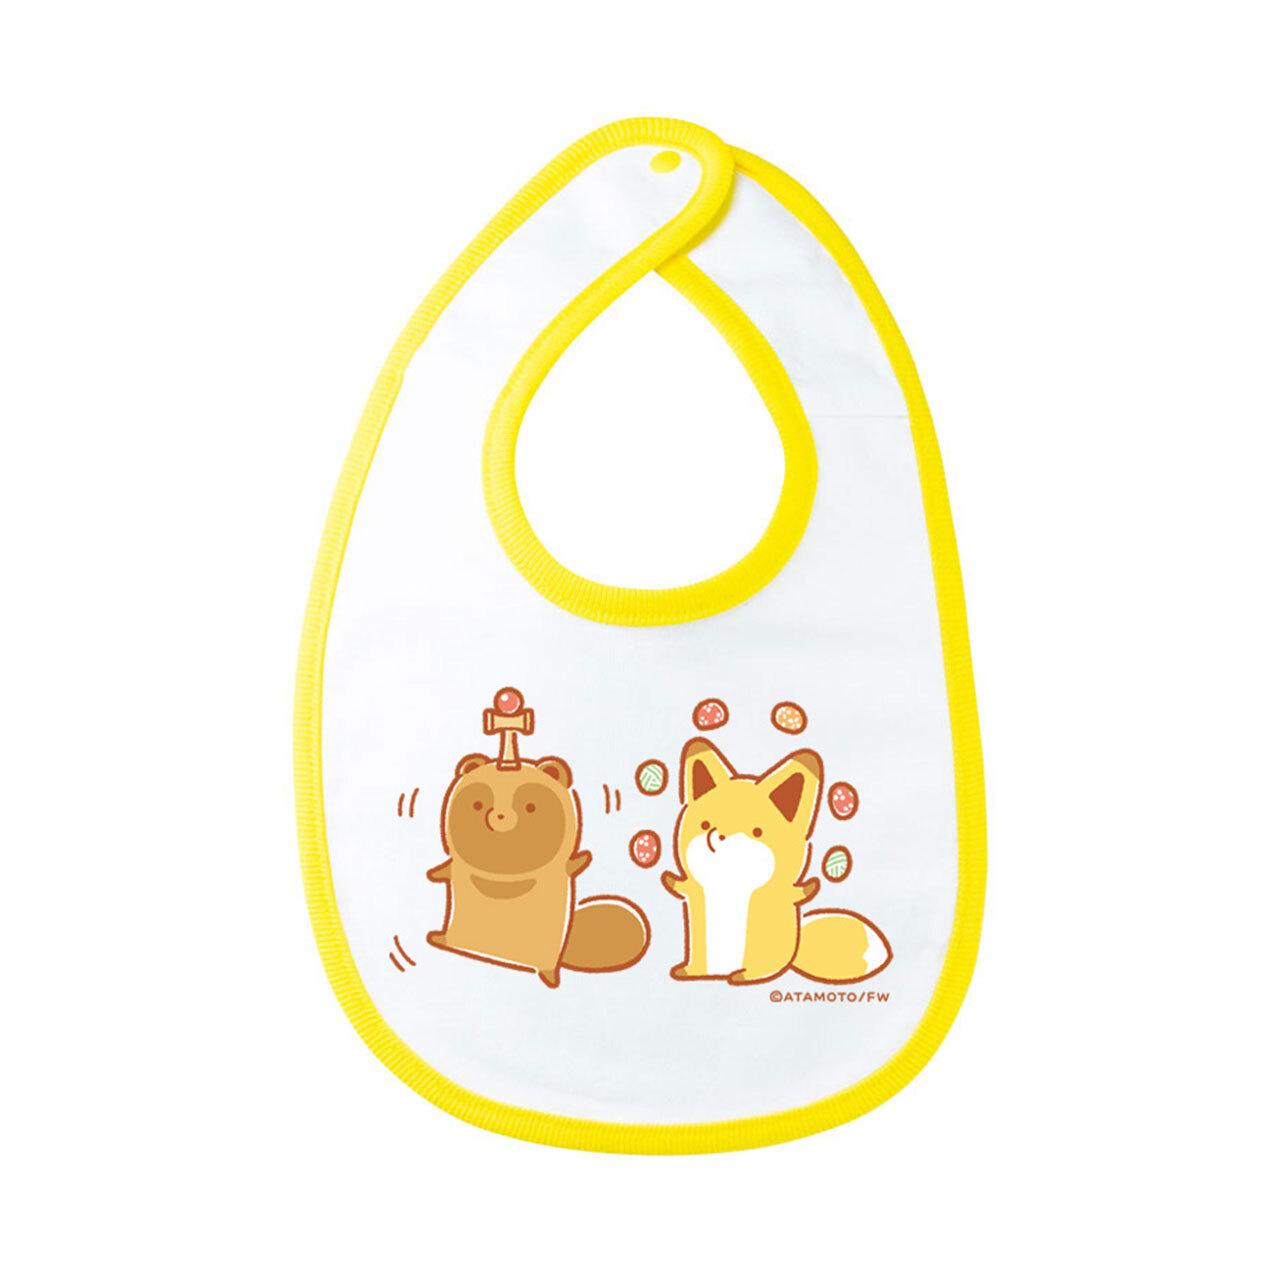 【4589839352895再】タヌキとキツネ よだれかけ(黄色)